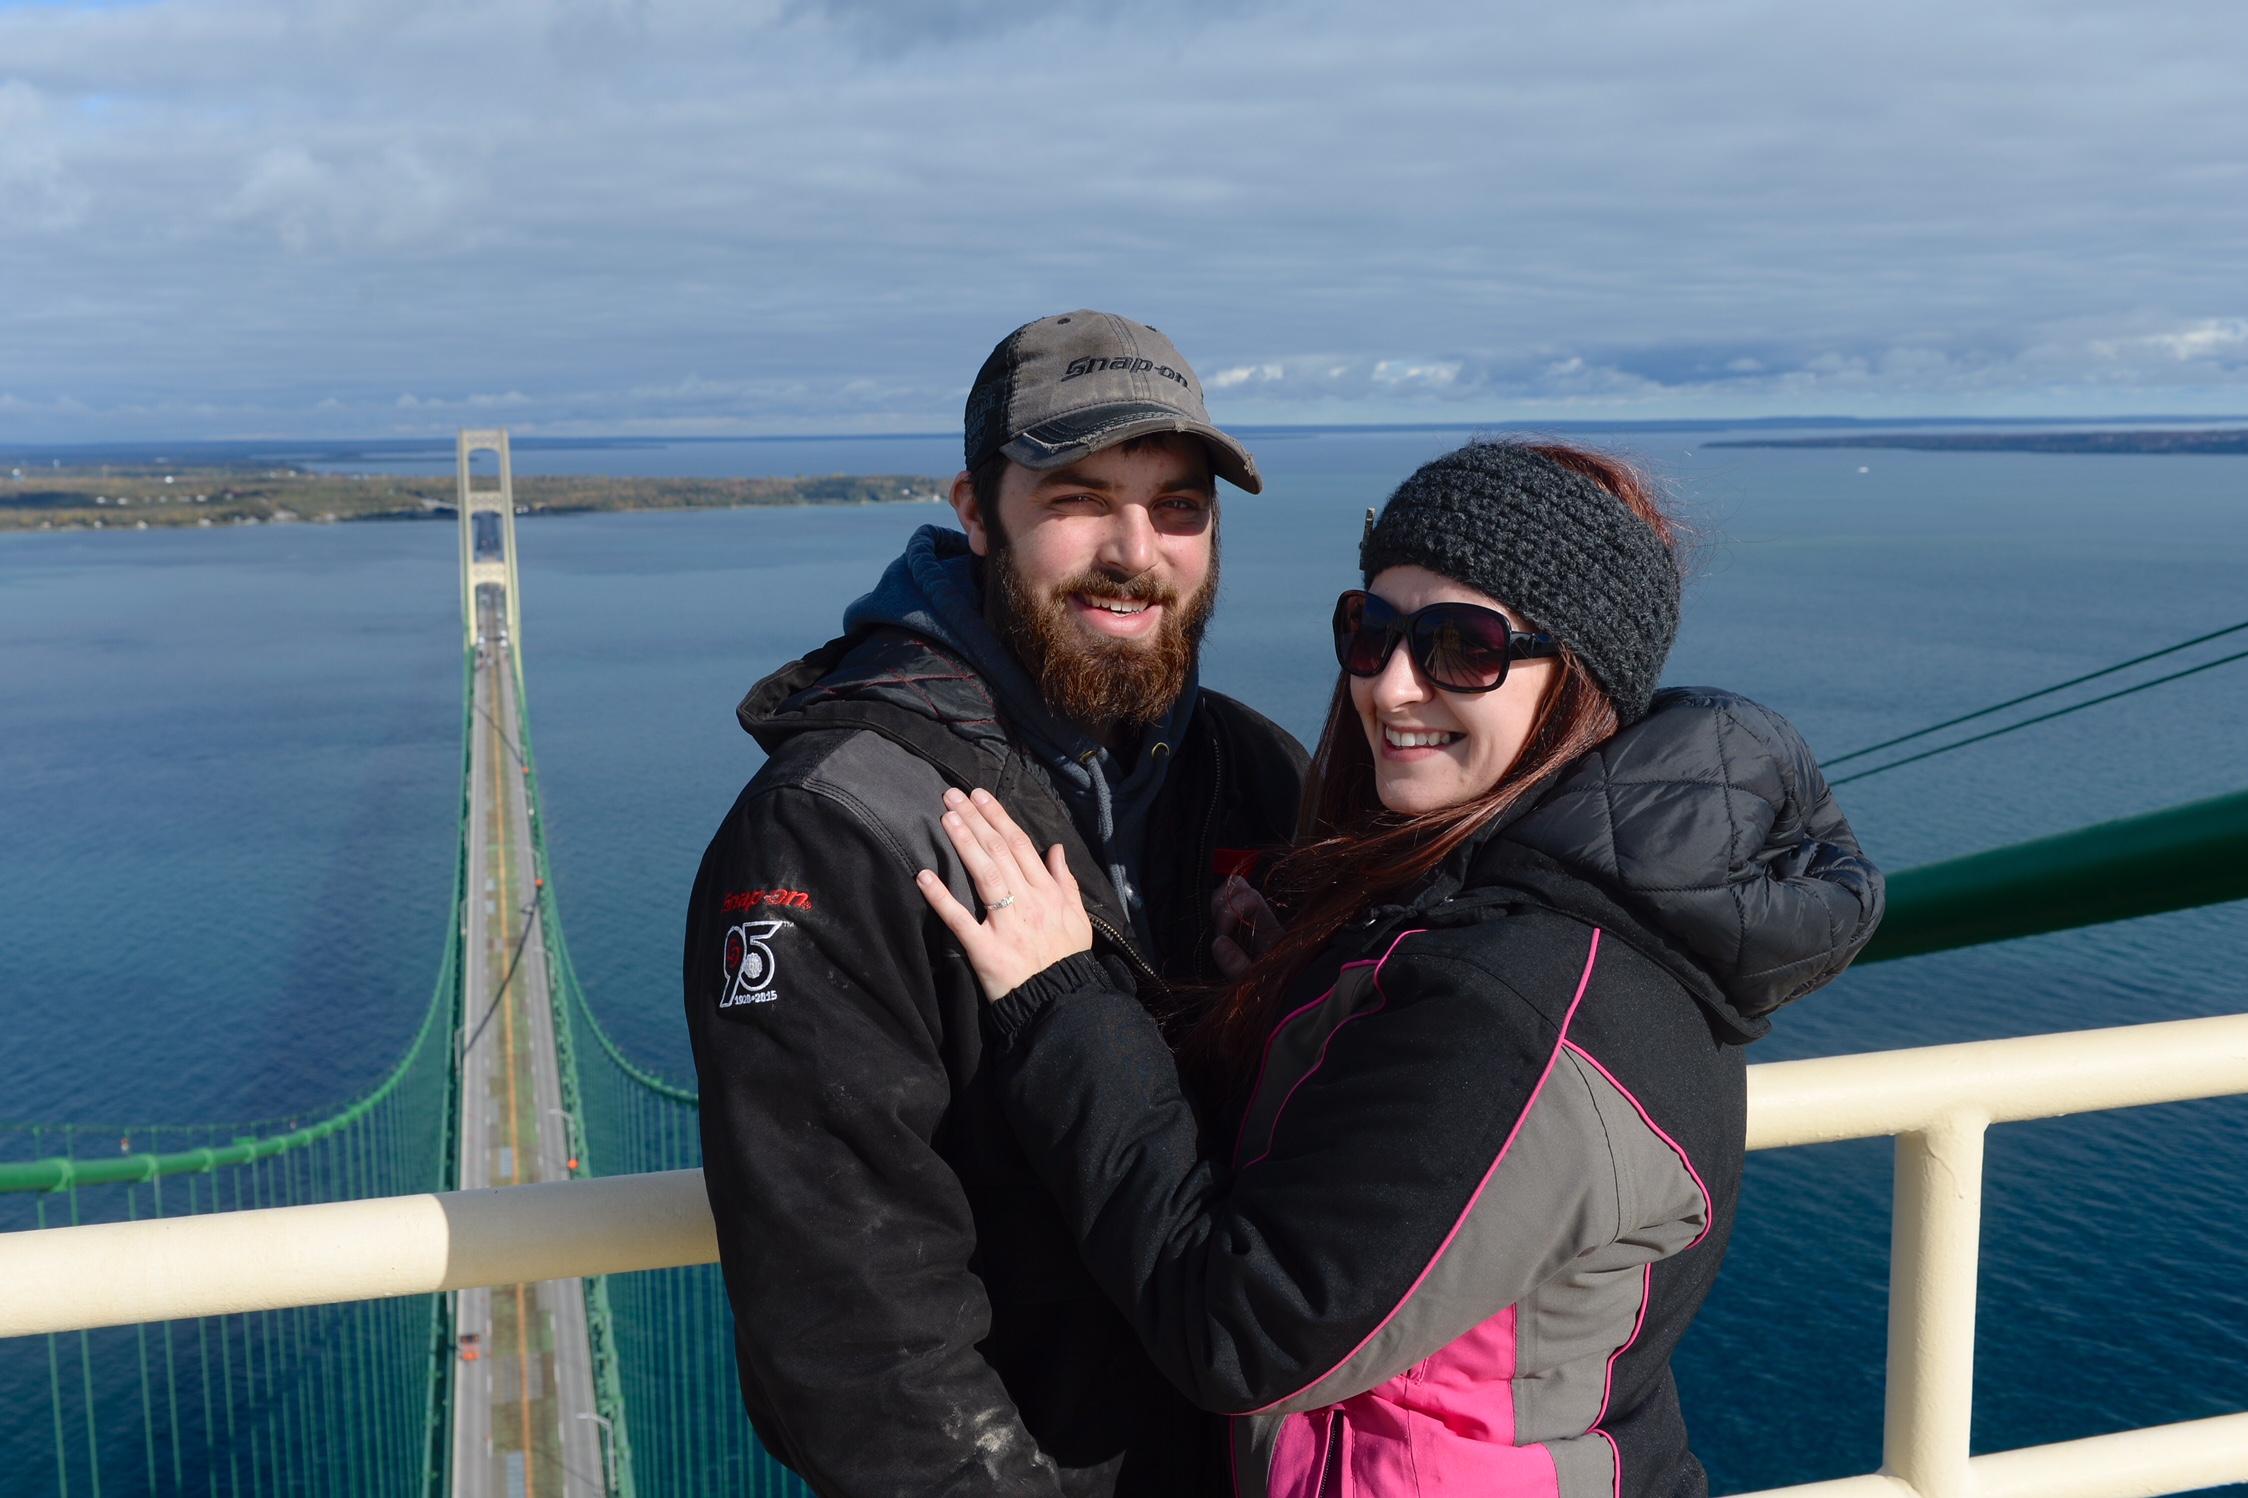 St. Ignace Couple Gets Engaged On Mackinac Bridge